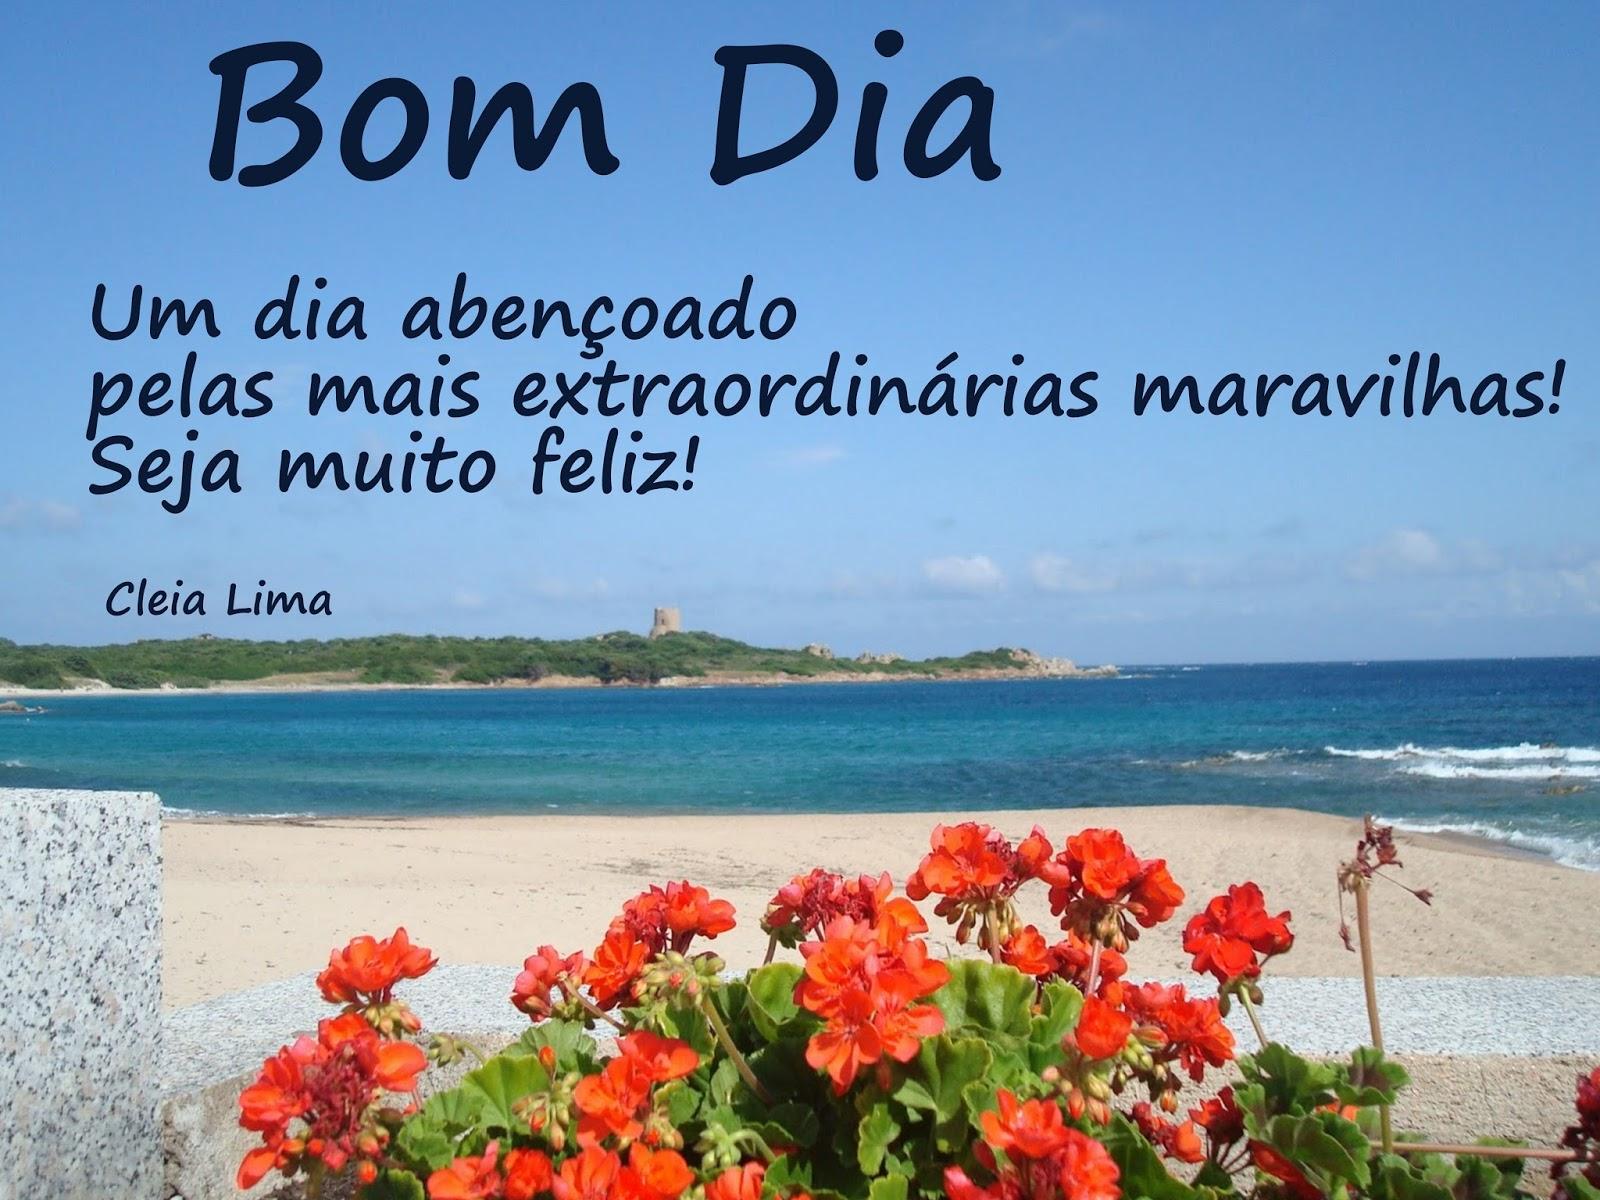 Muito Alegre Bom Dia: Cores & Sabores: Bom Dia E Seja Muito Feliz